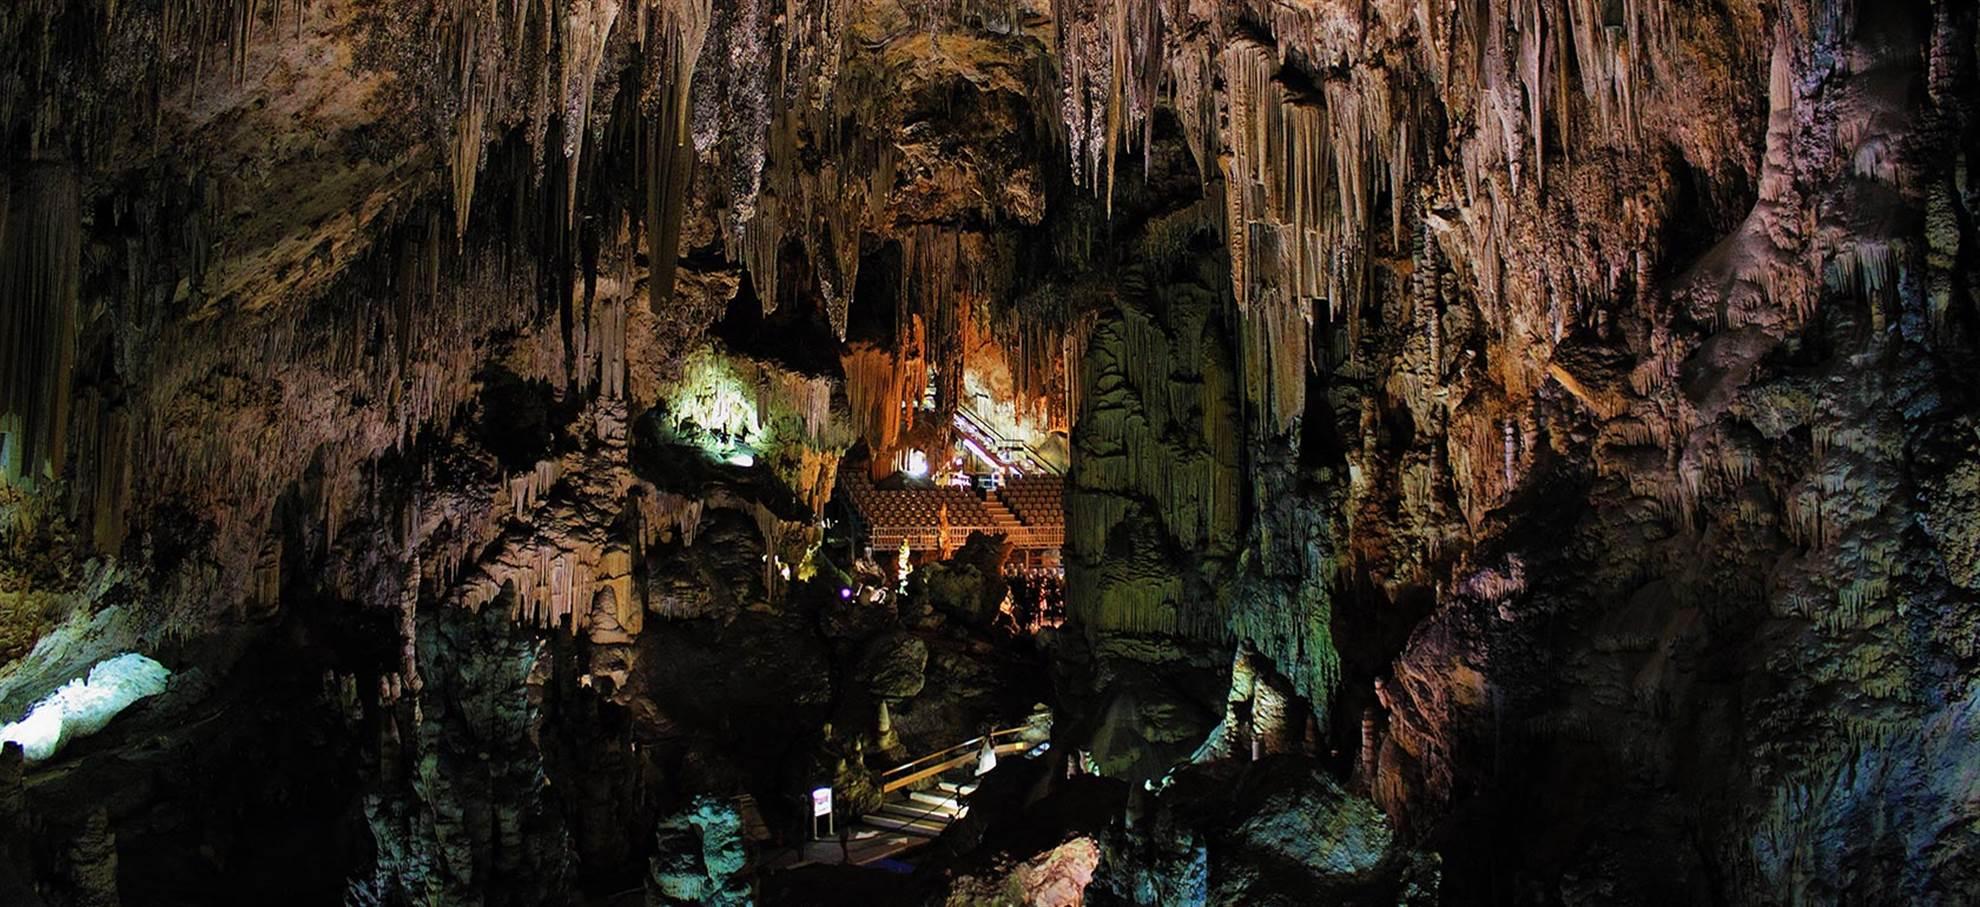 Giornata sulla Costa Tropicale & Grotta di Nerja